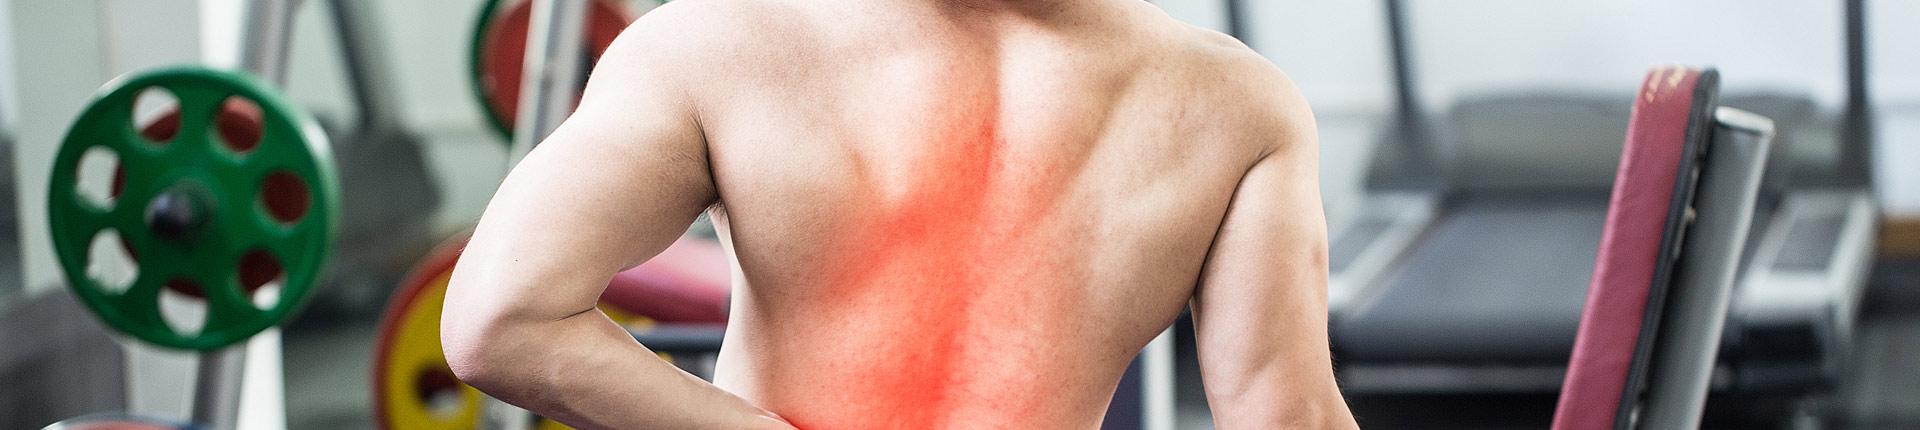 Ból pleców podczas wiosłowania? Wypróbuj Pendlay Row